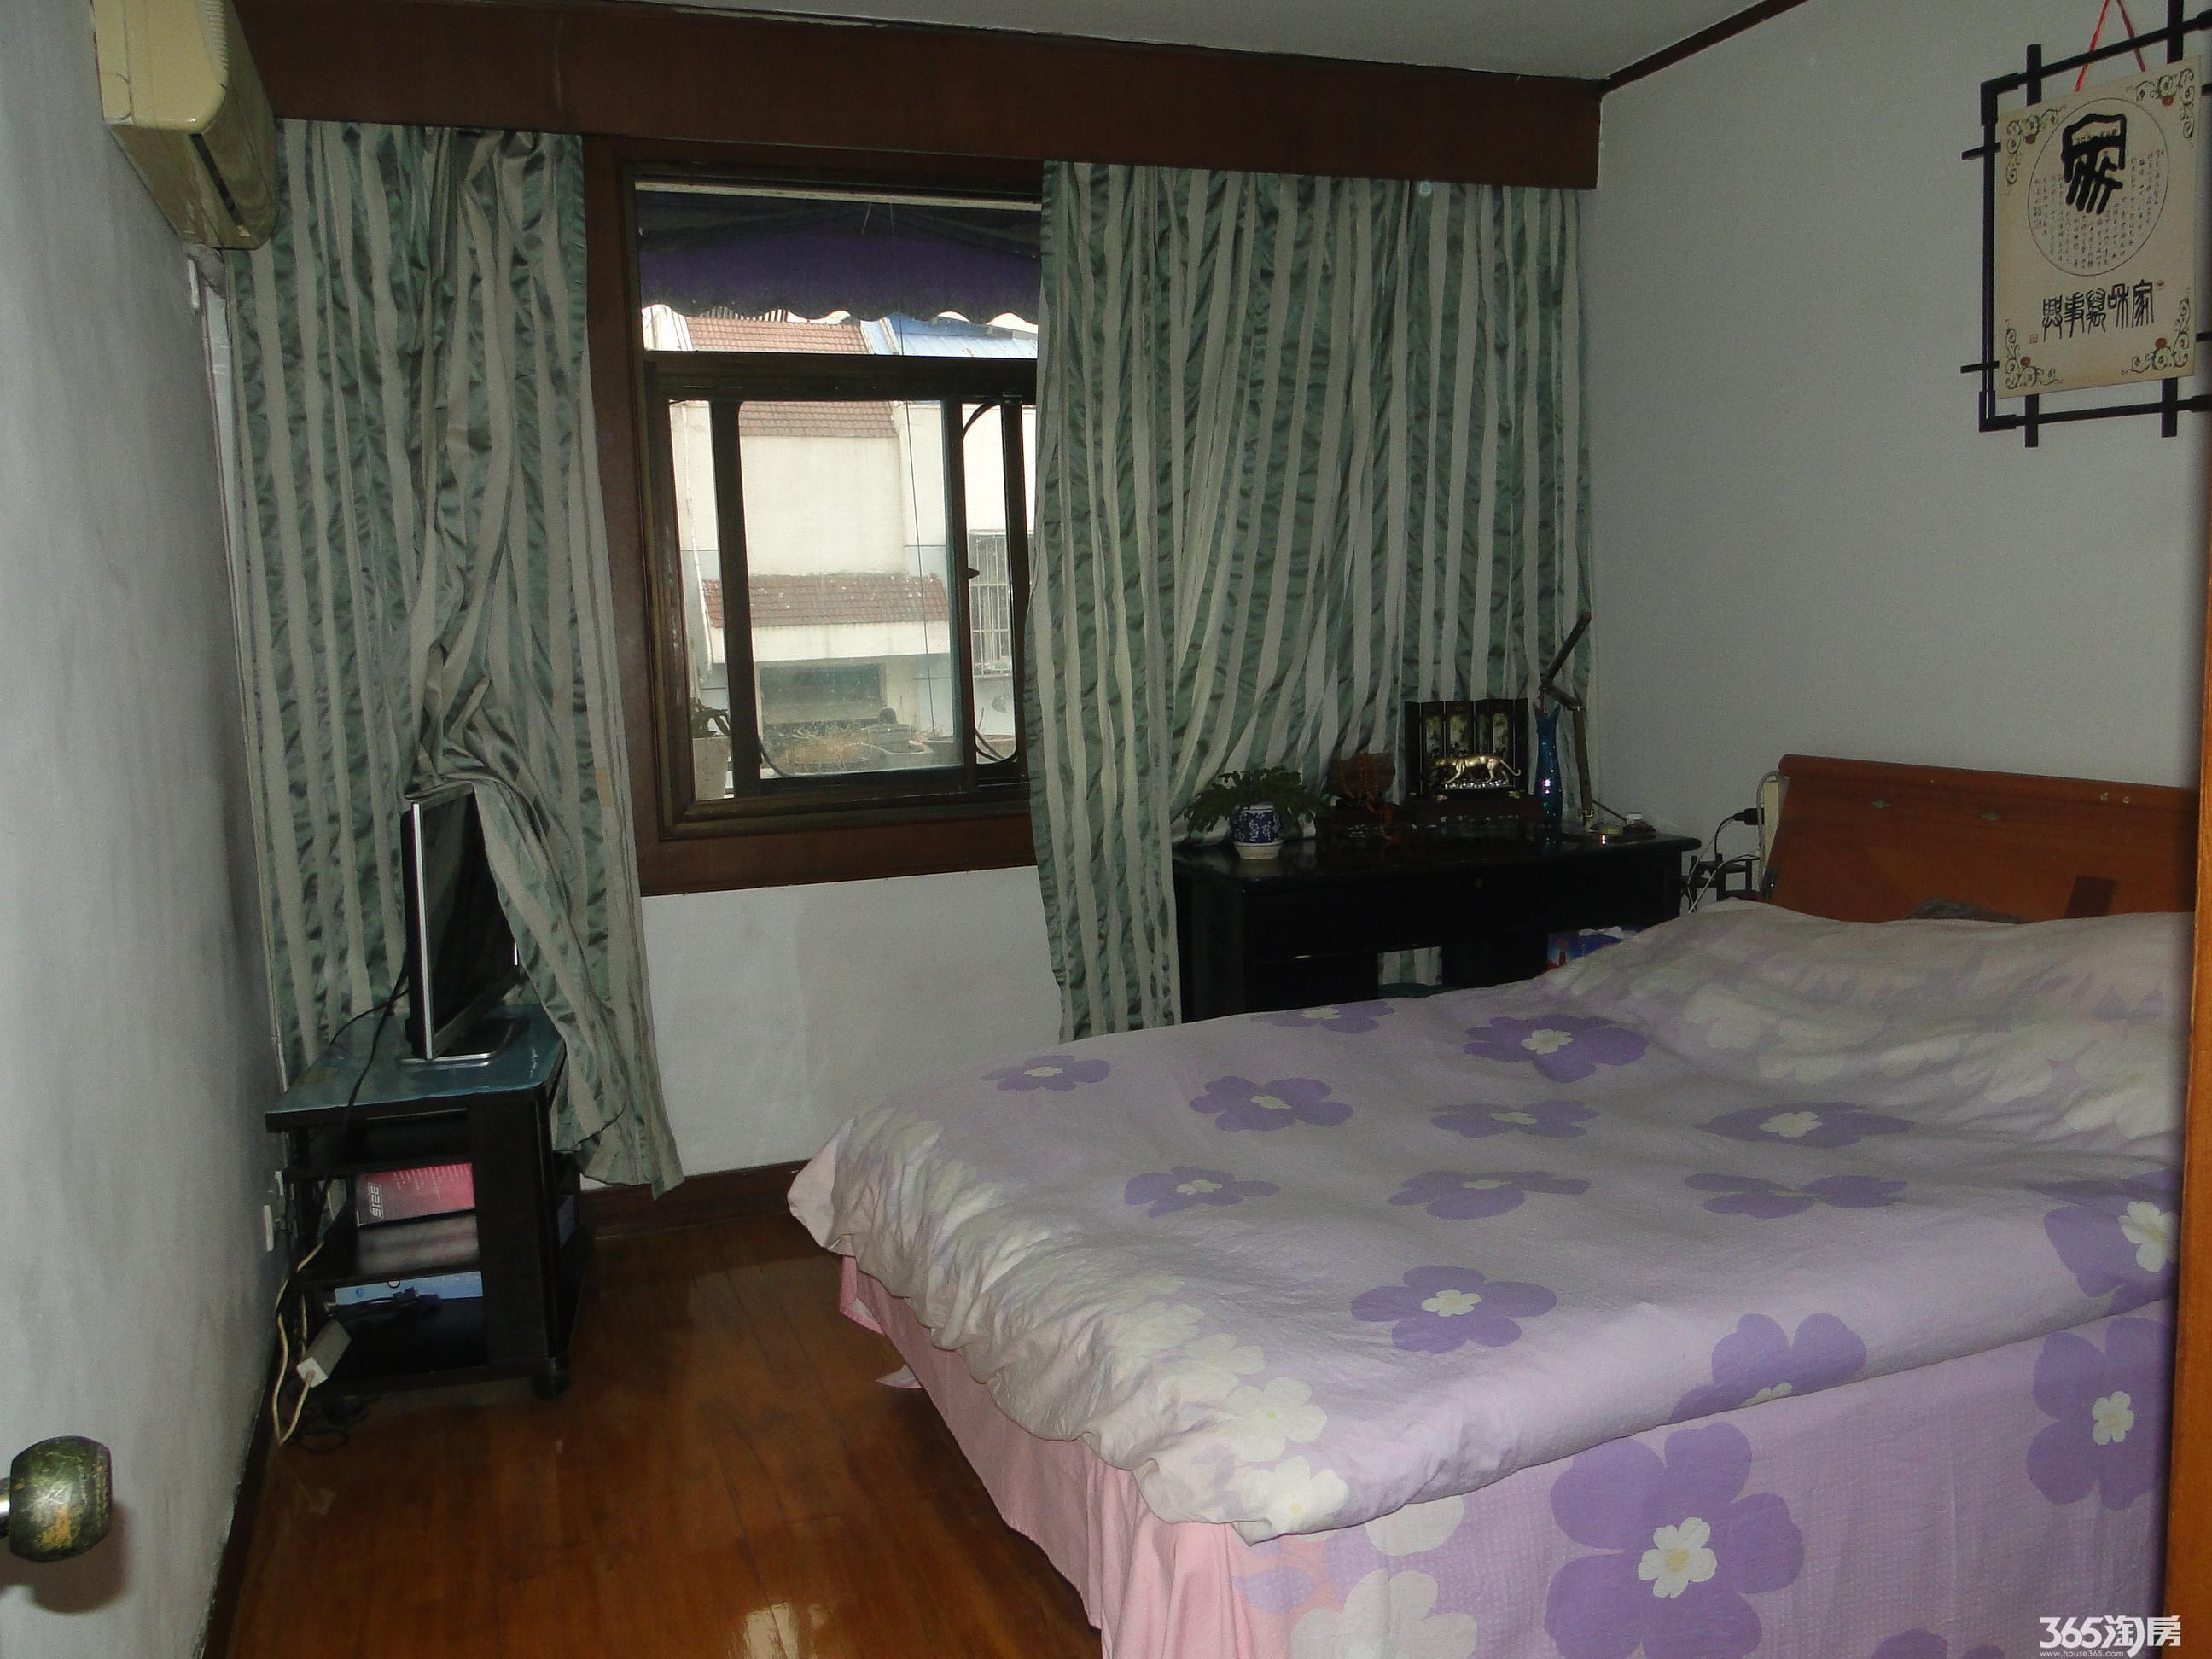 背景墙 房间 家居 酒店 设计 卧室 卧室装修 现代 装修 2592_1944